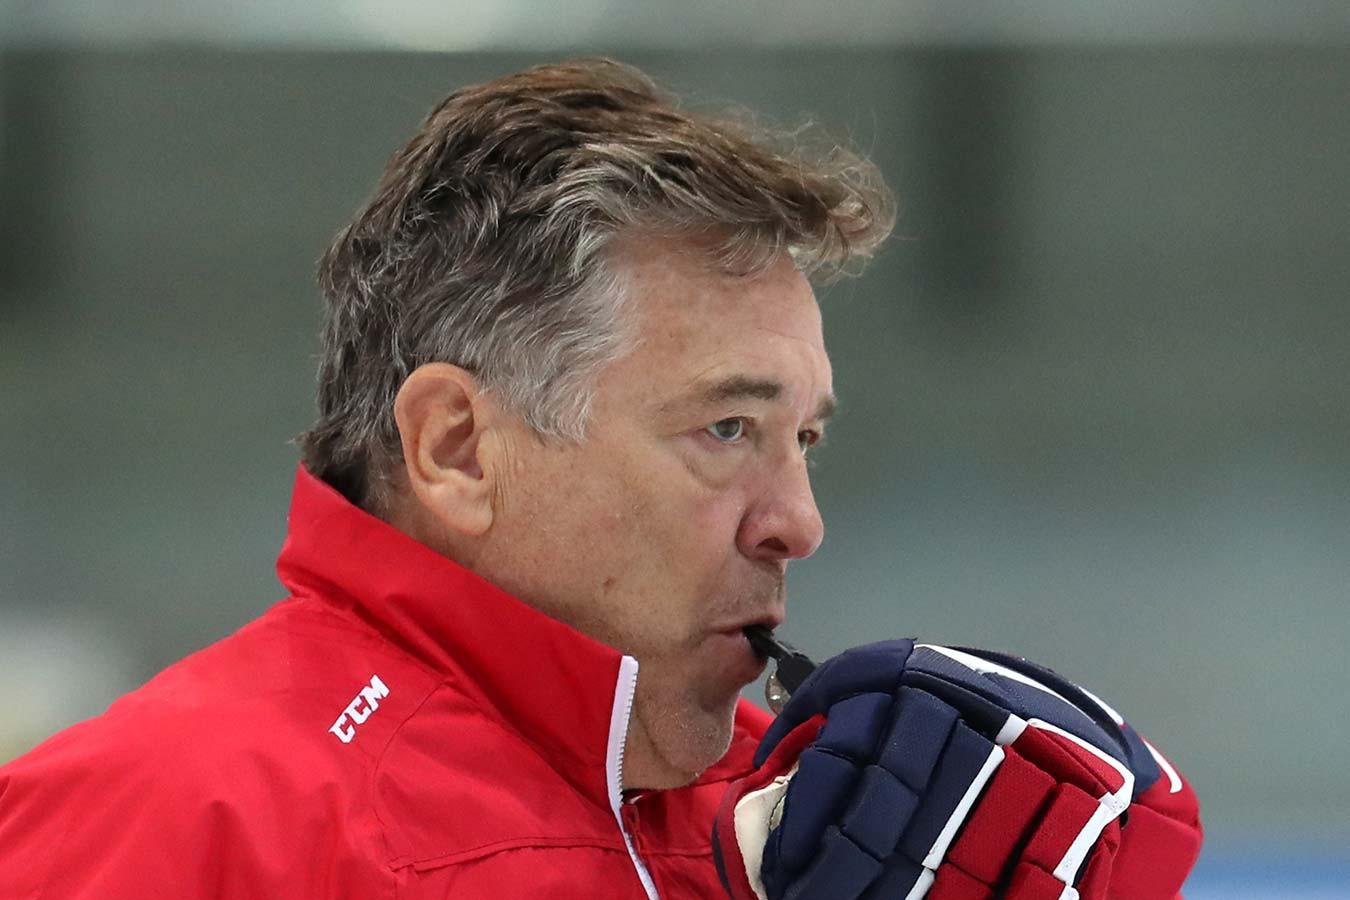 Пелино: канадцы всё больше интересуются КХЛ, в этом году лига стала настоящей отдушиной